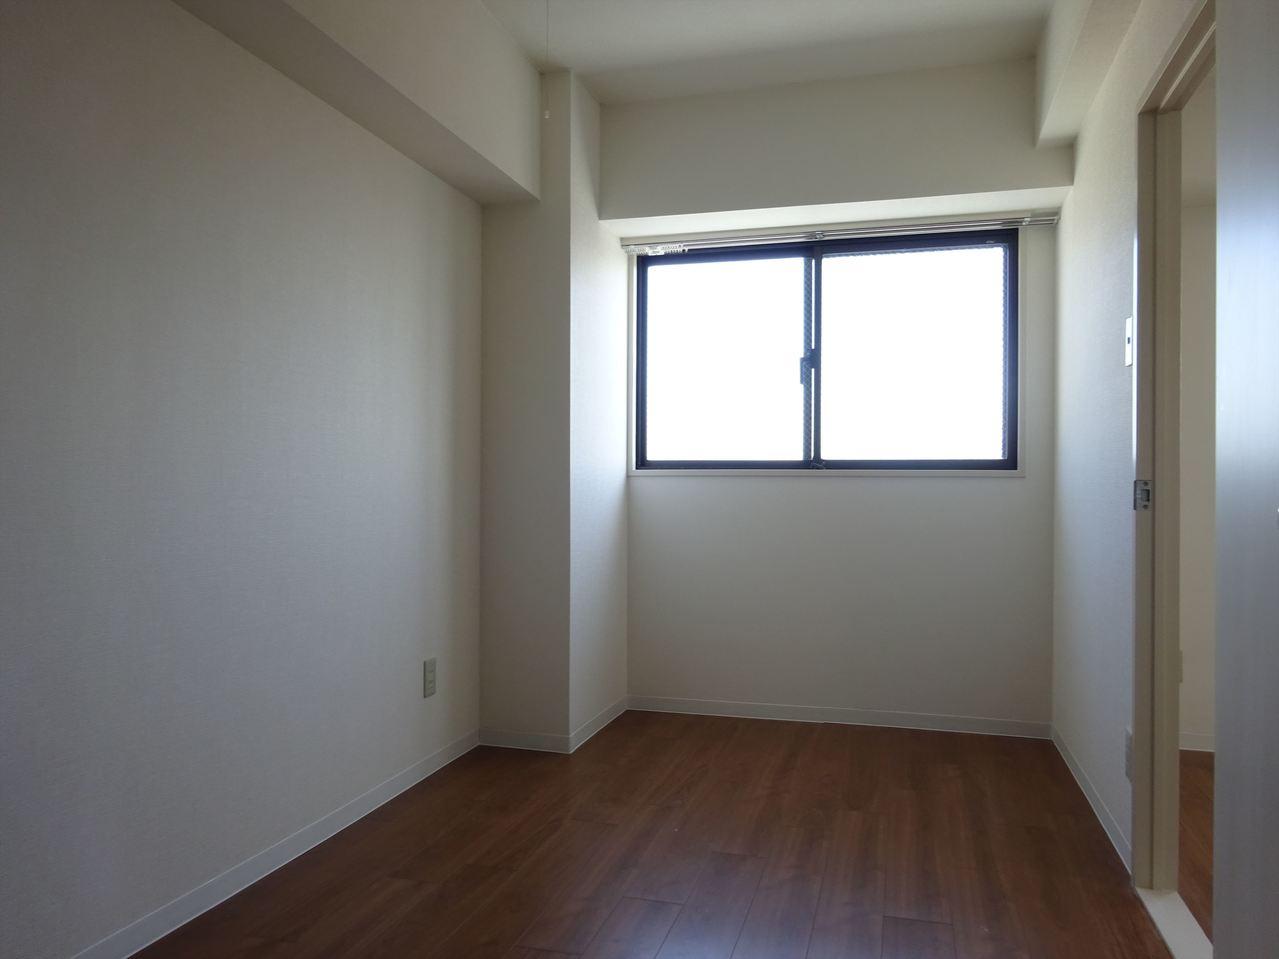 大きな窓がある明るい洋室です